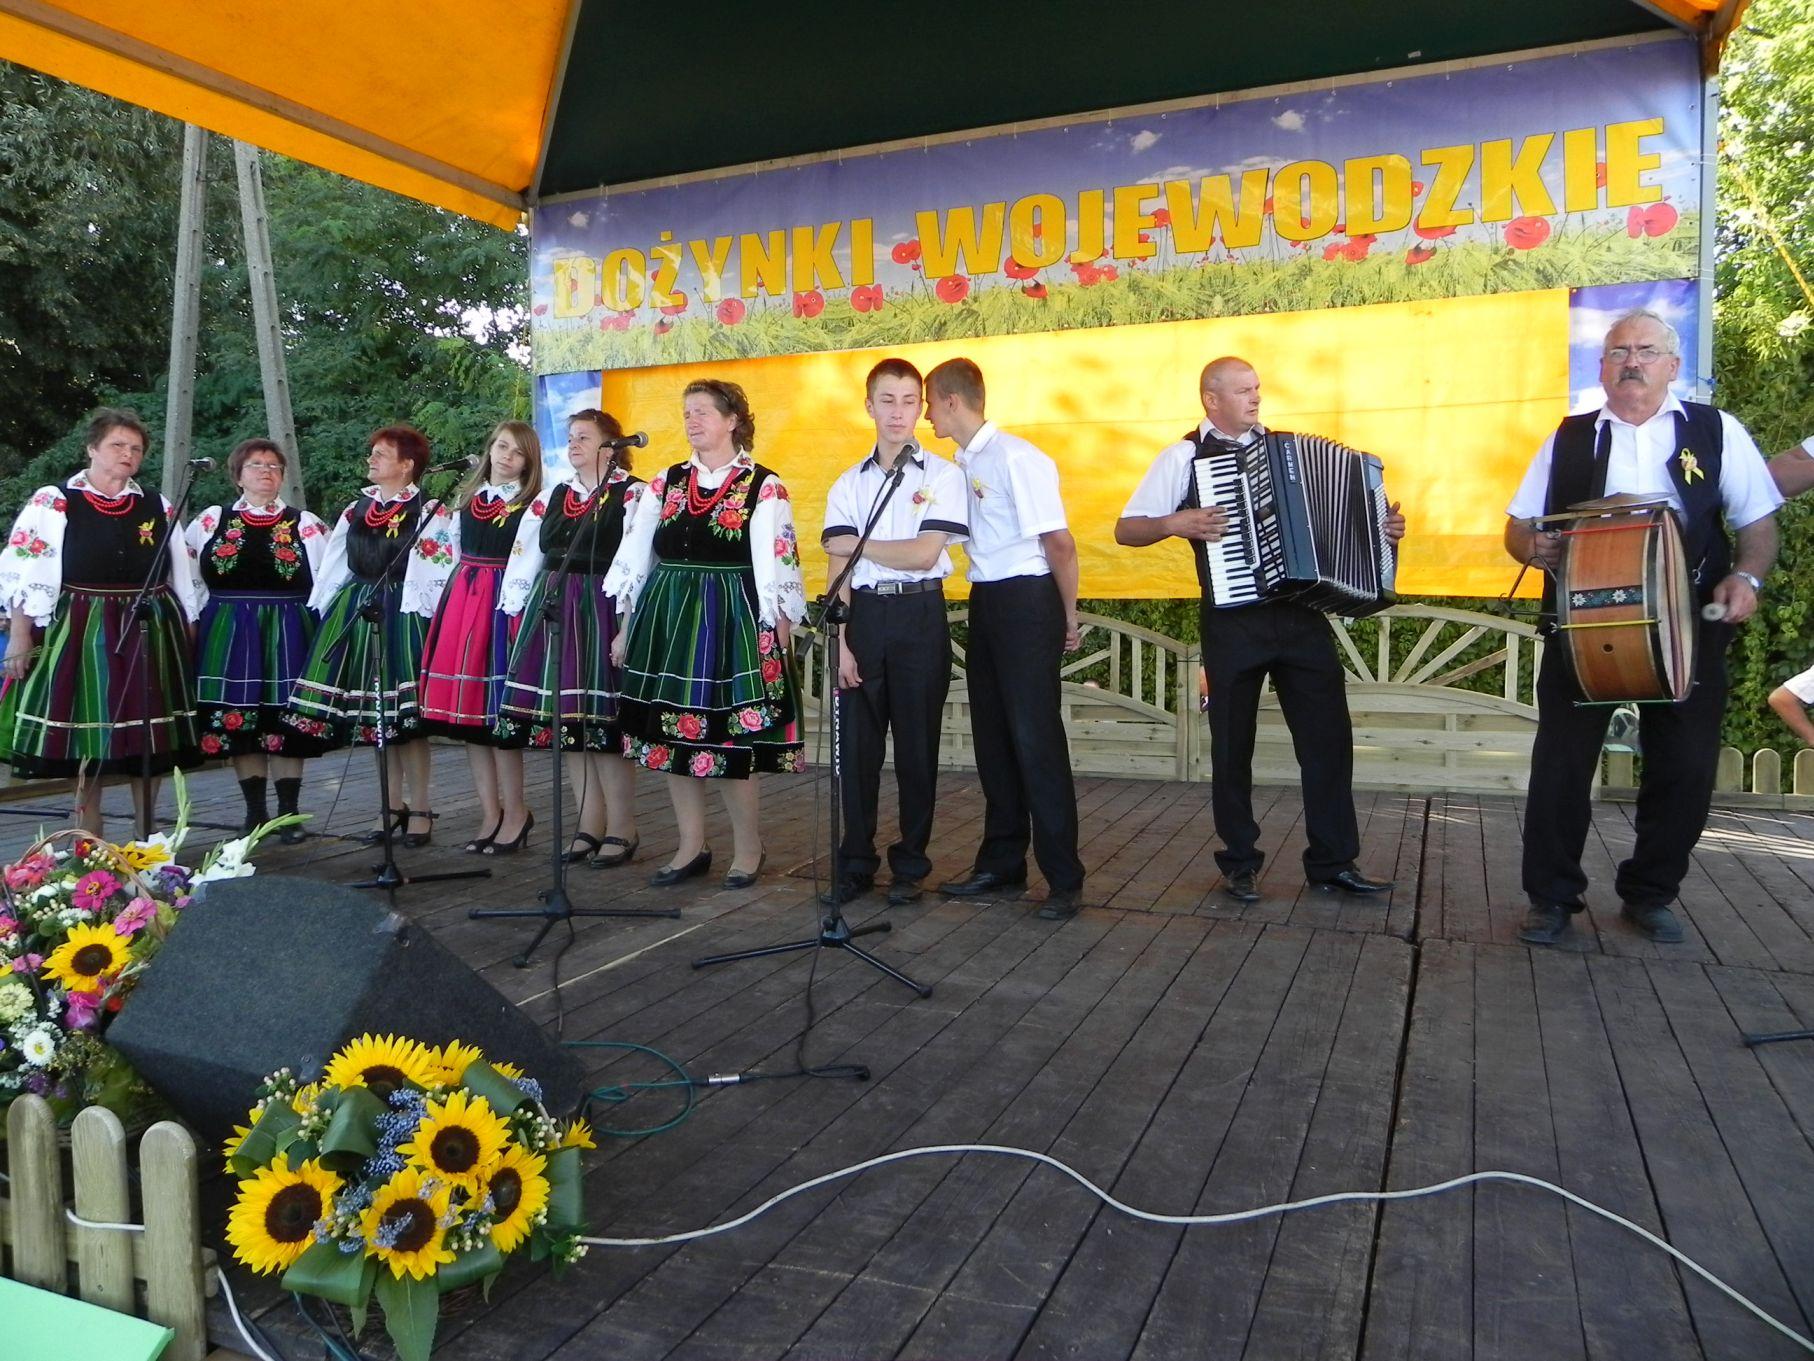 2013-08-26 Dożynki wojewódzkie (96)